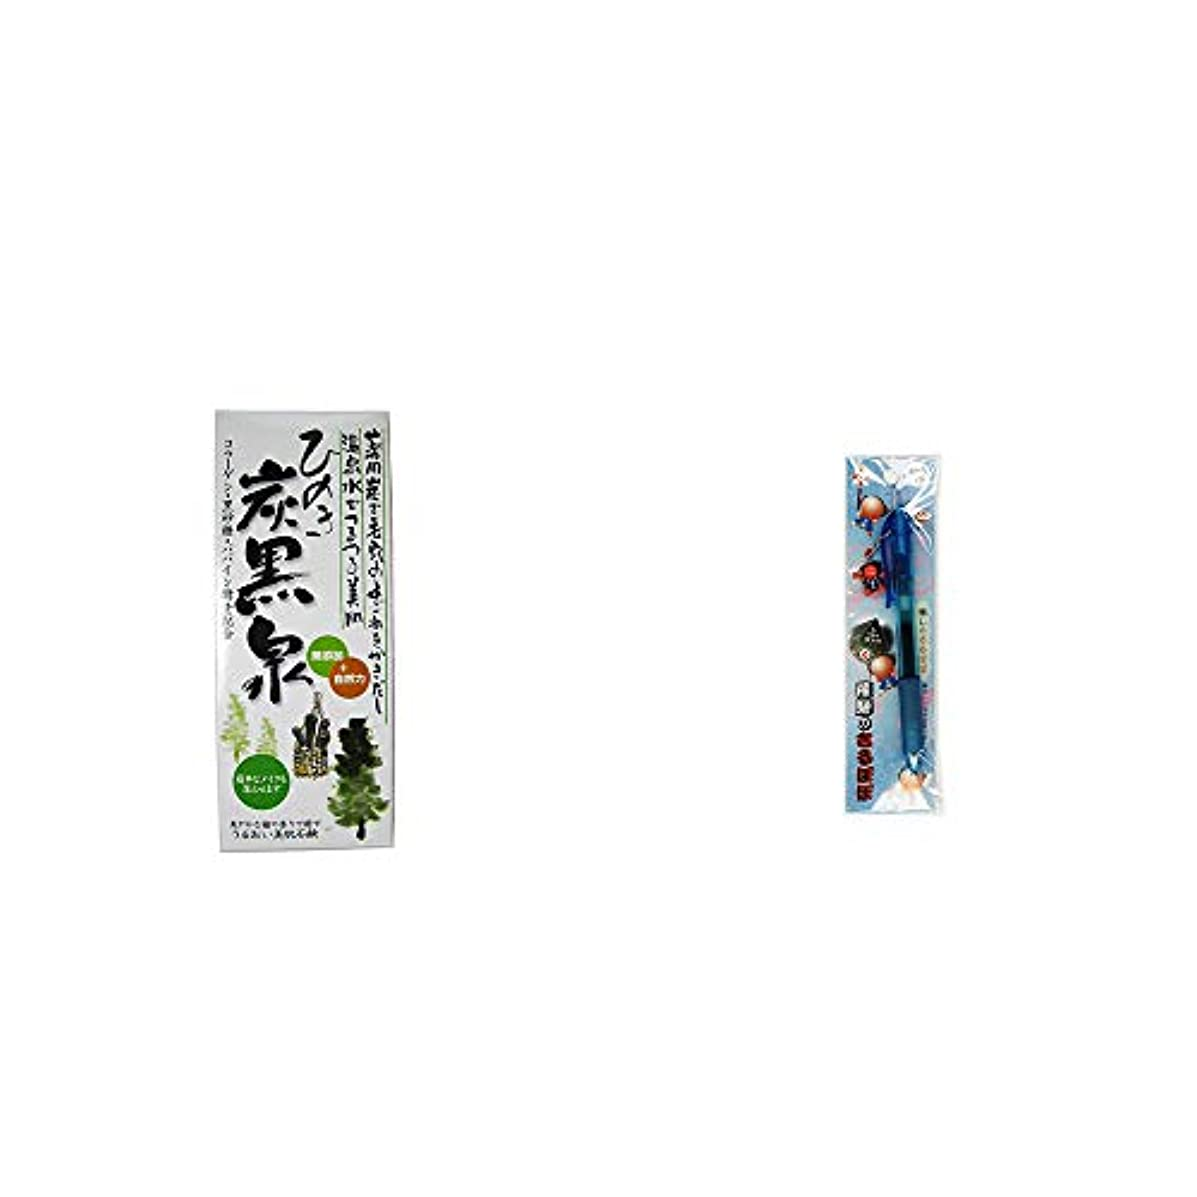 髄クライストチャーチ申し込む[2点セット] ひのき炭黒泉 箱入り(75g×3)?さるぼぼ 癒しボールペン 【ブルー】